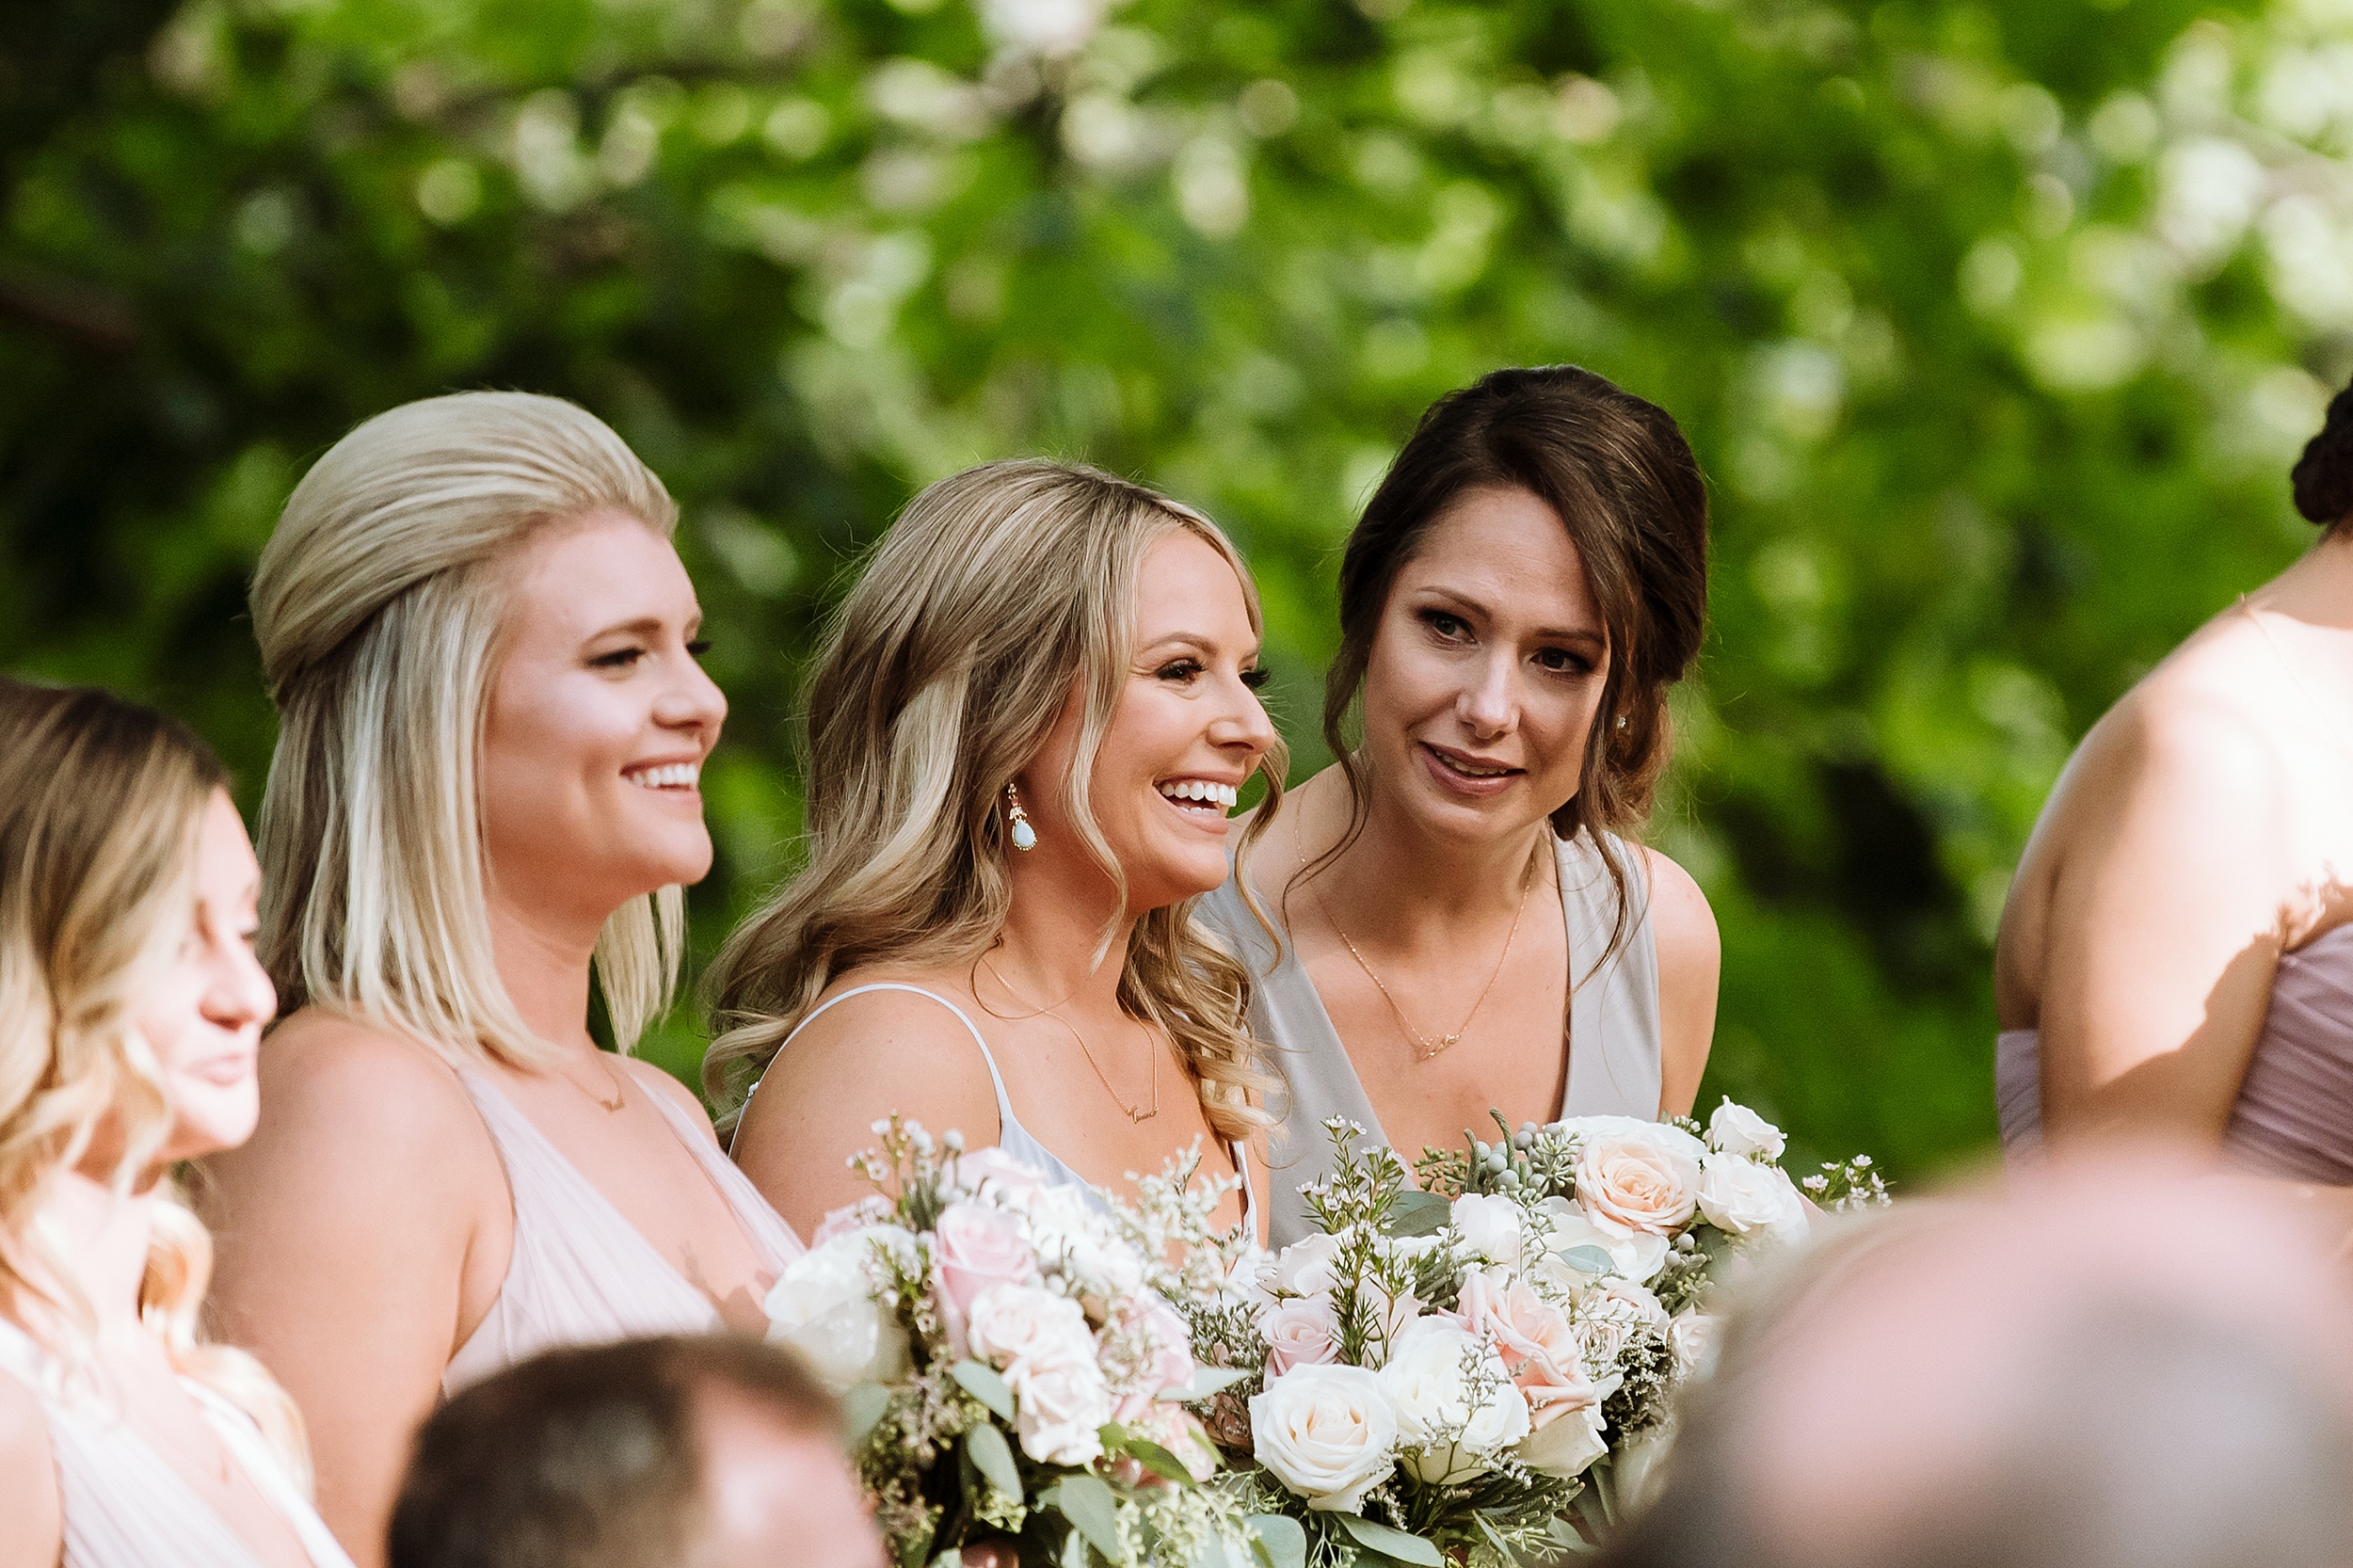 Rustic_Backyard_Wedding_Toronto_Photographer092.jpg